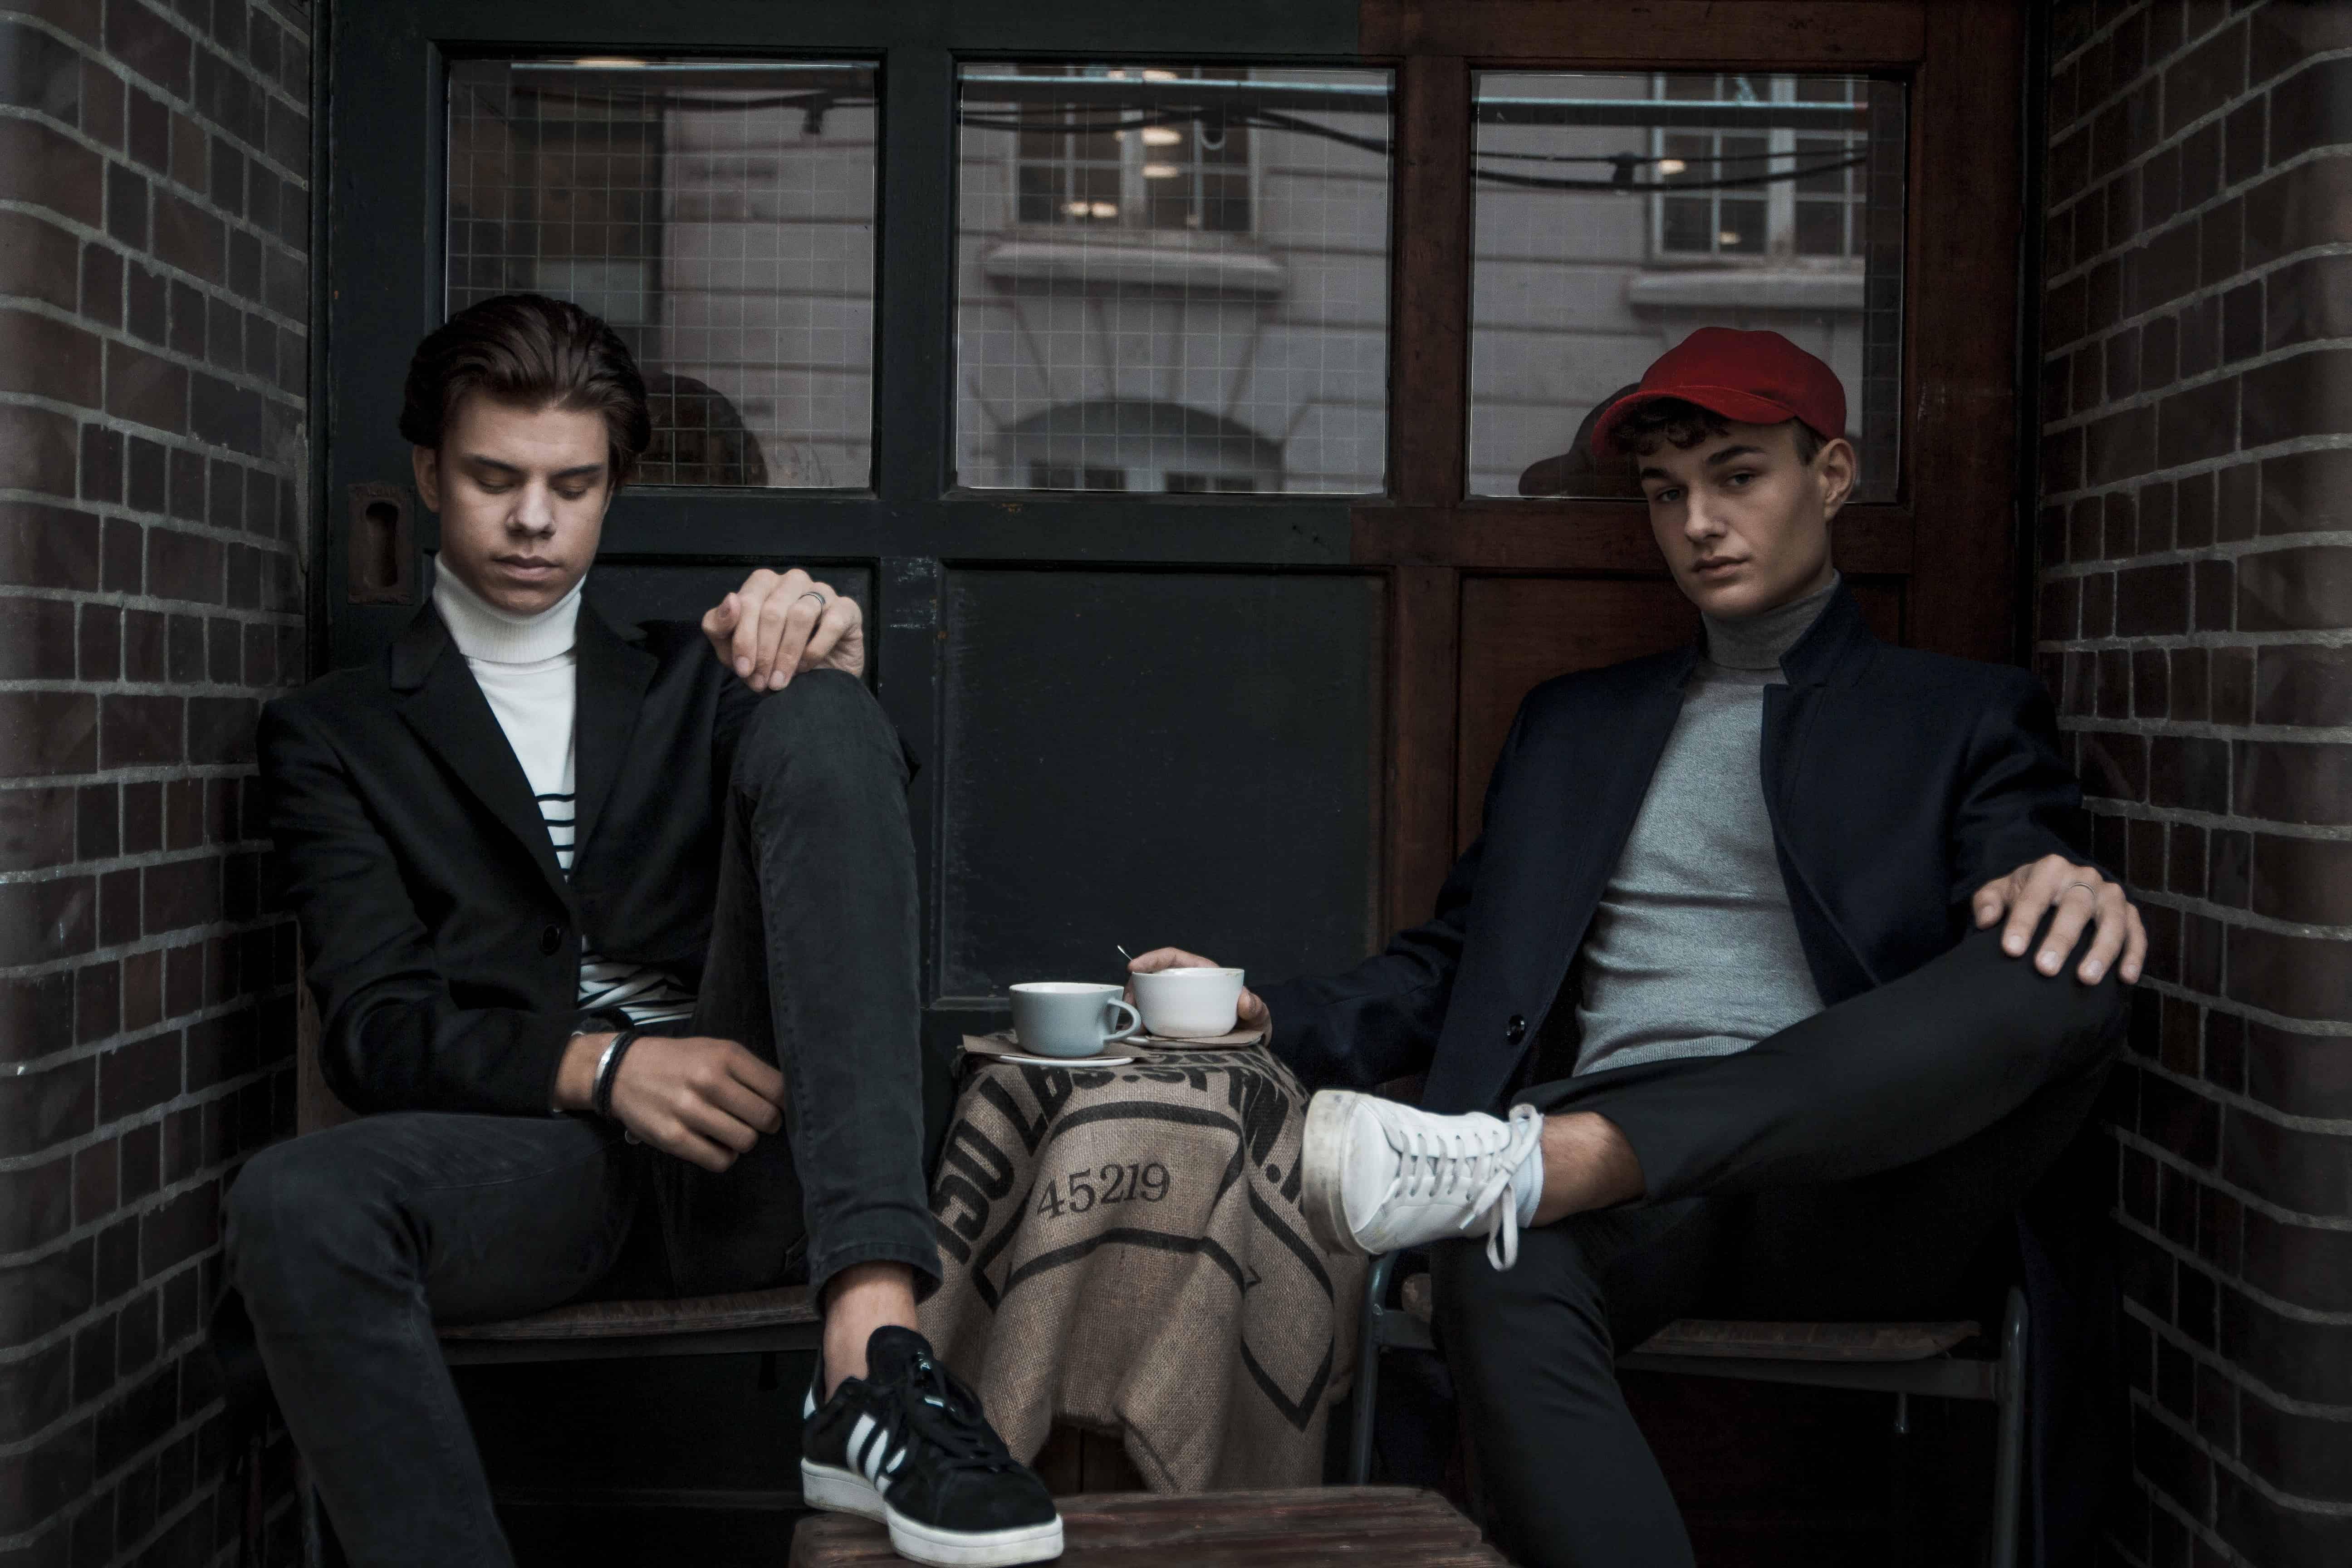 Boye & Svigvardt